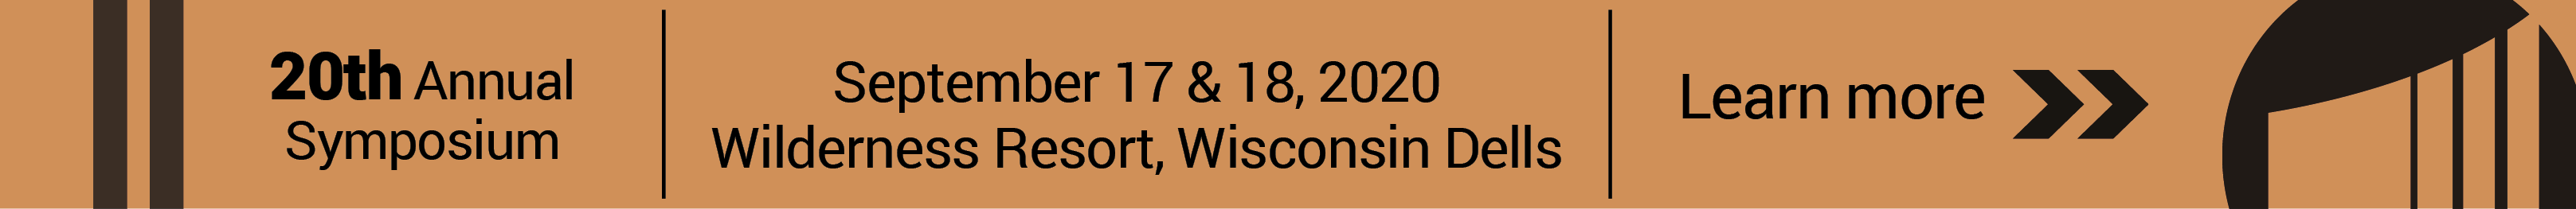 18th Annual Symposium